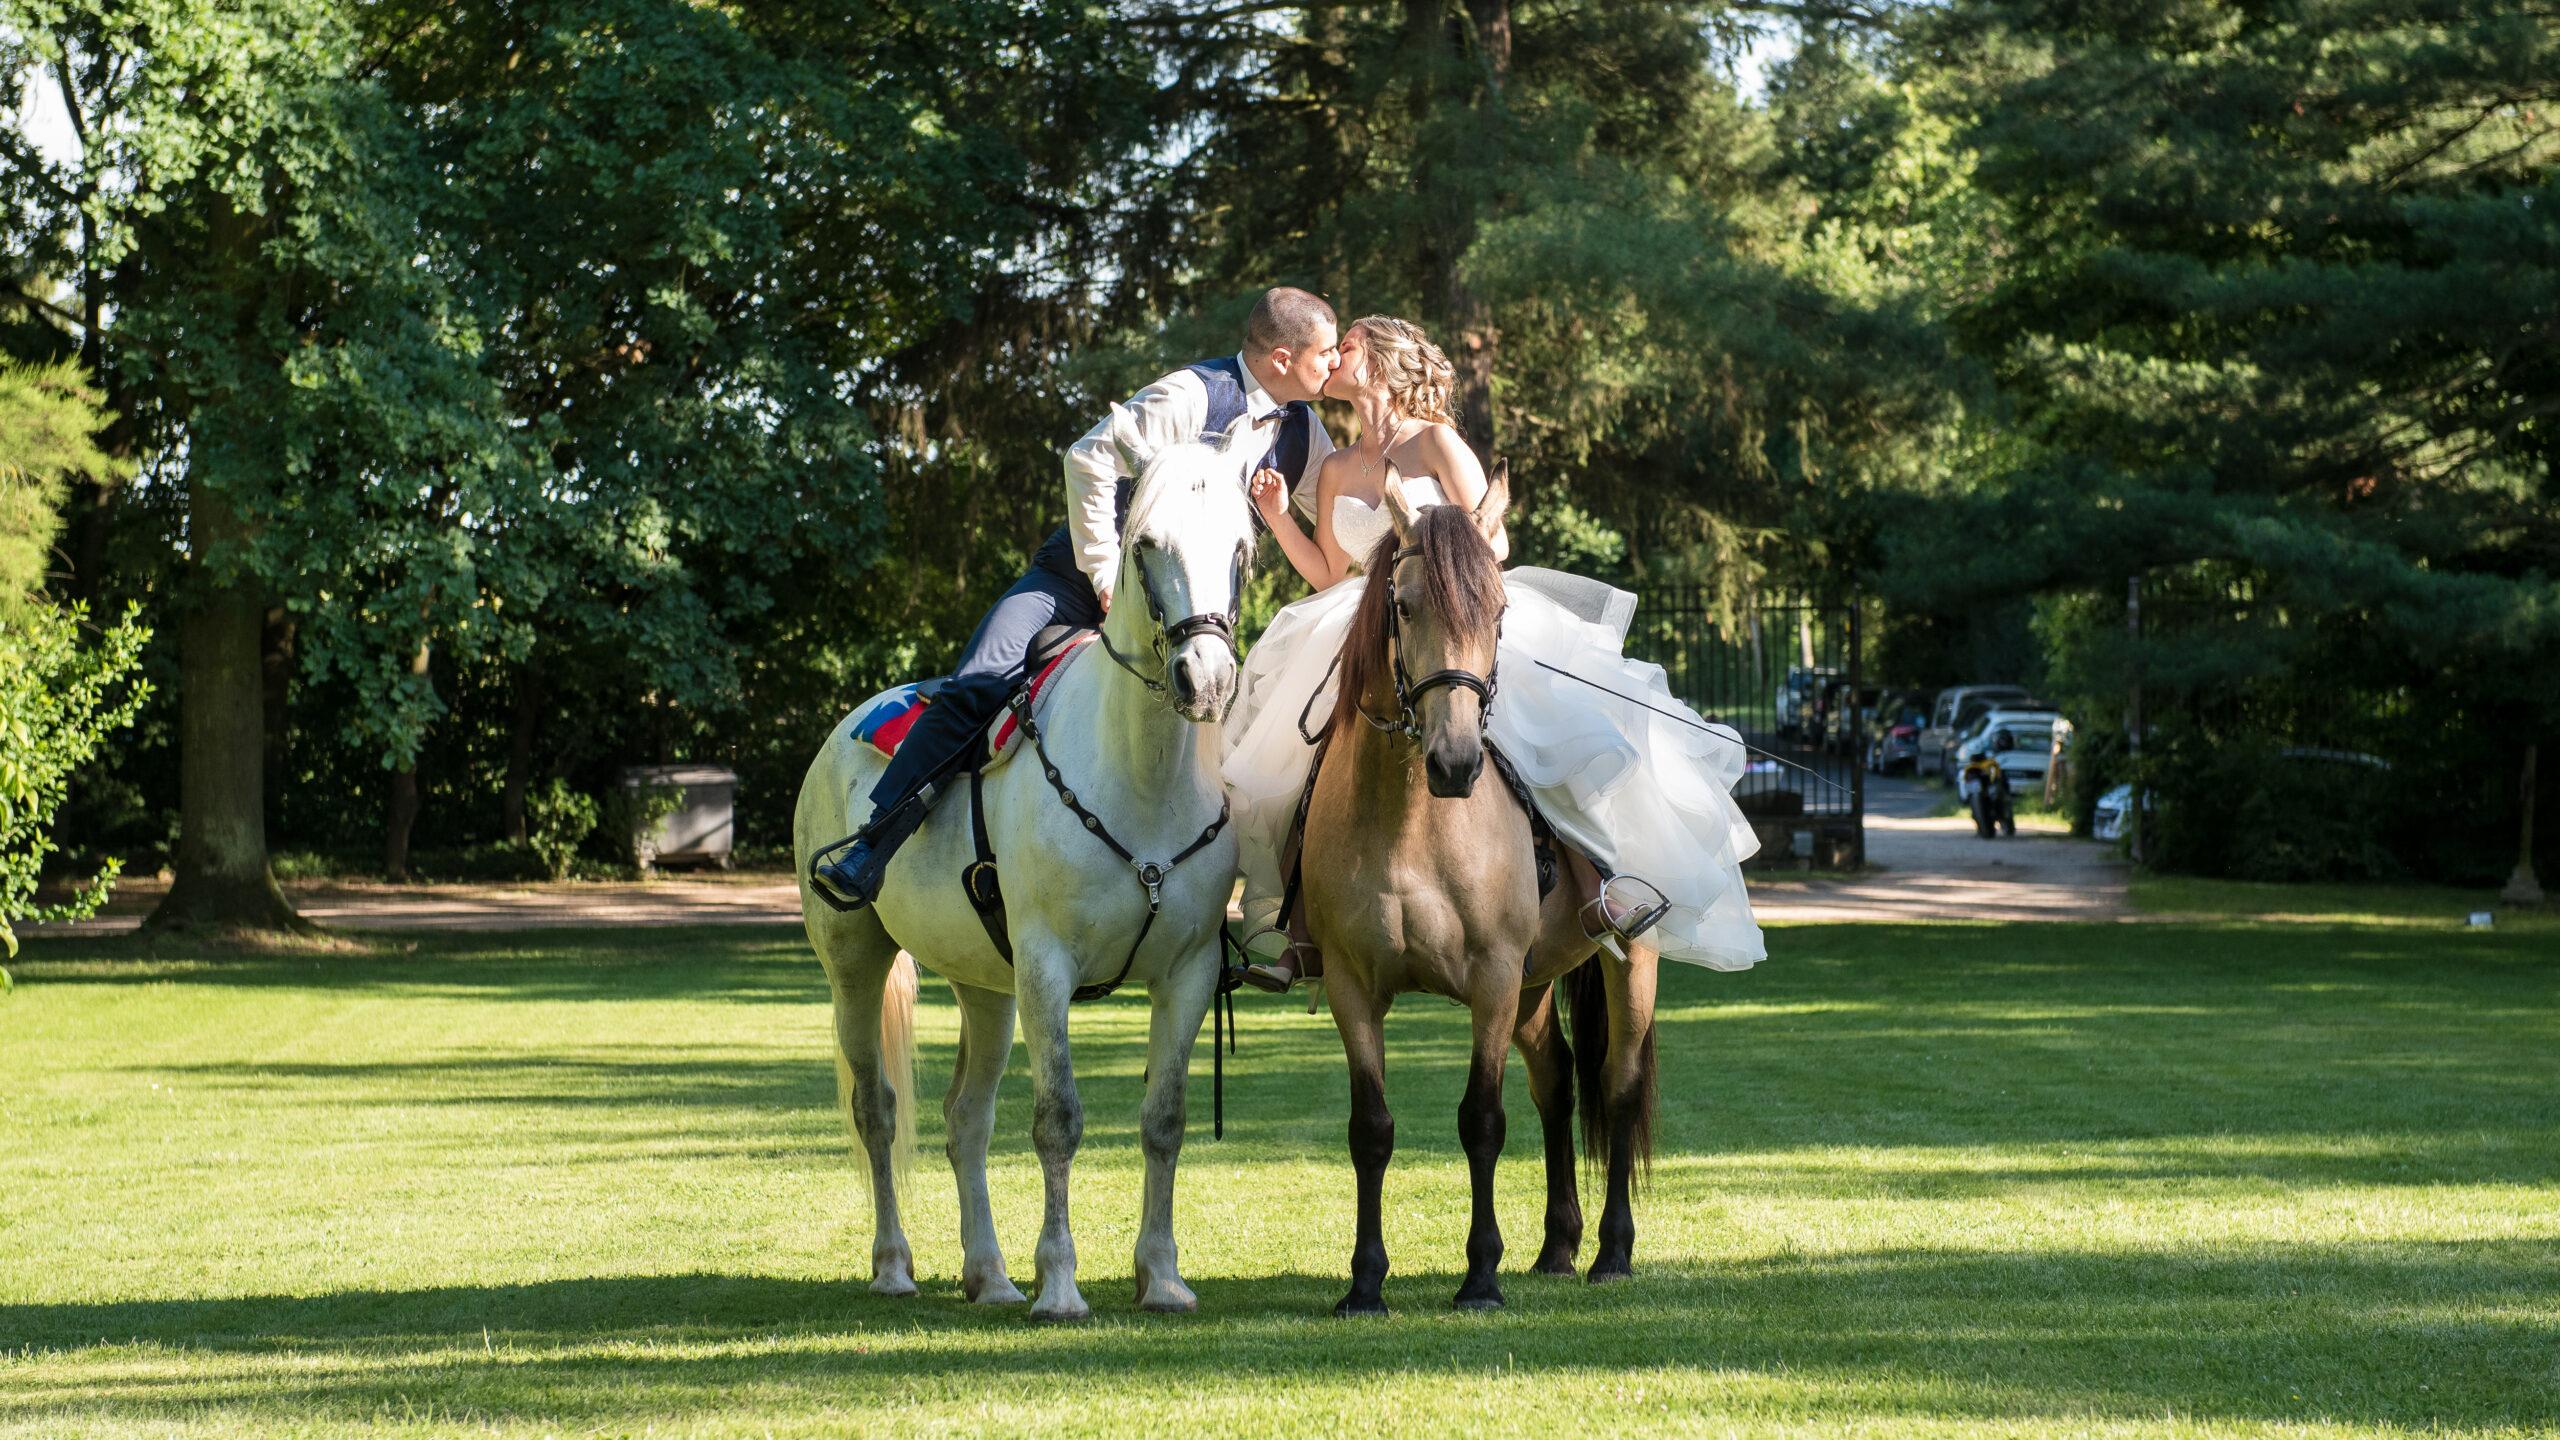 Mariés en train de s'embrasser, chacun sur leur cheval au milieu d'un très beau domaine dans le Beaujolais